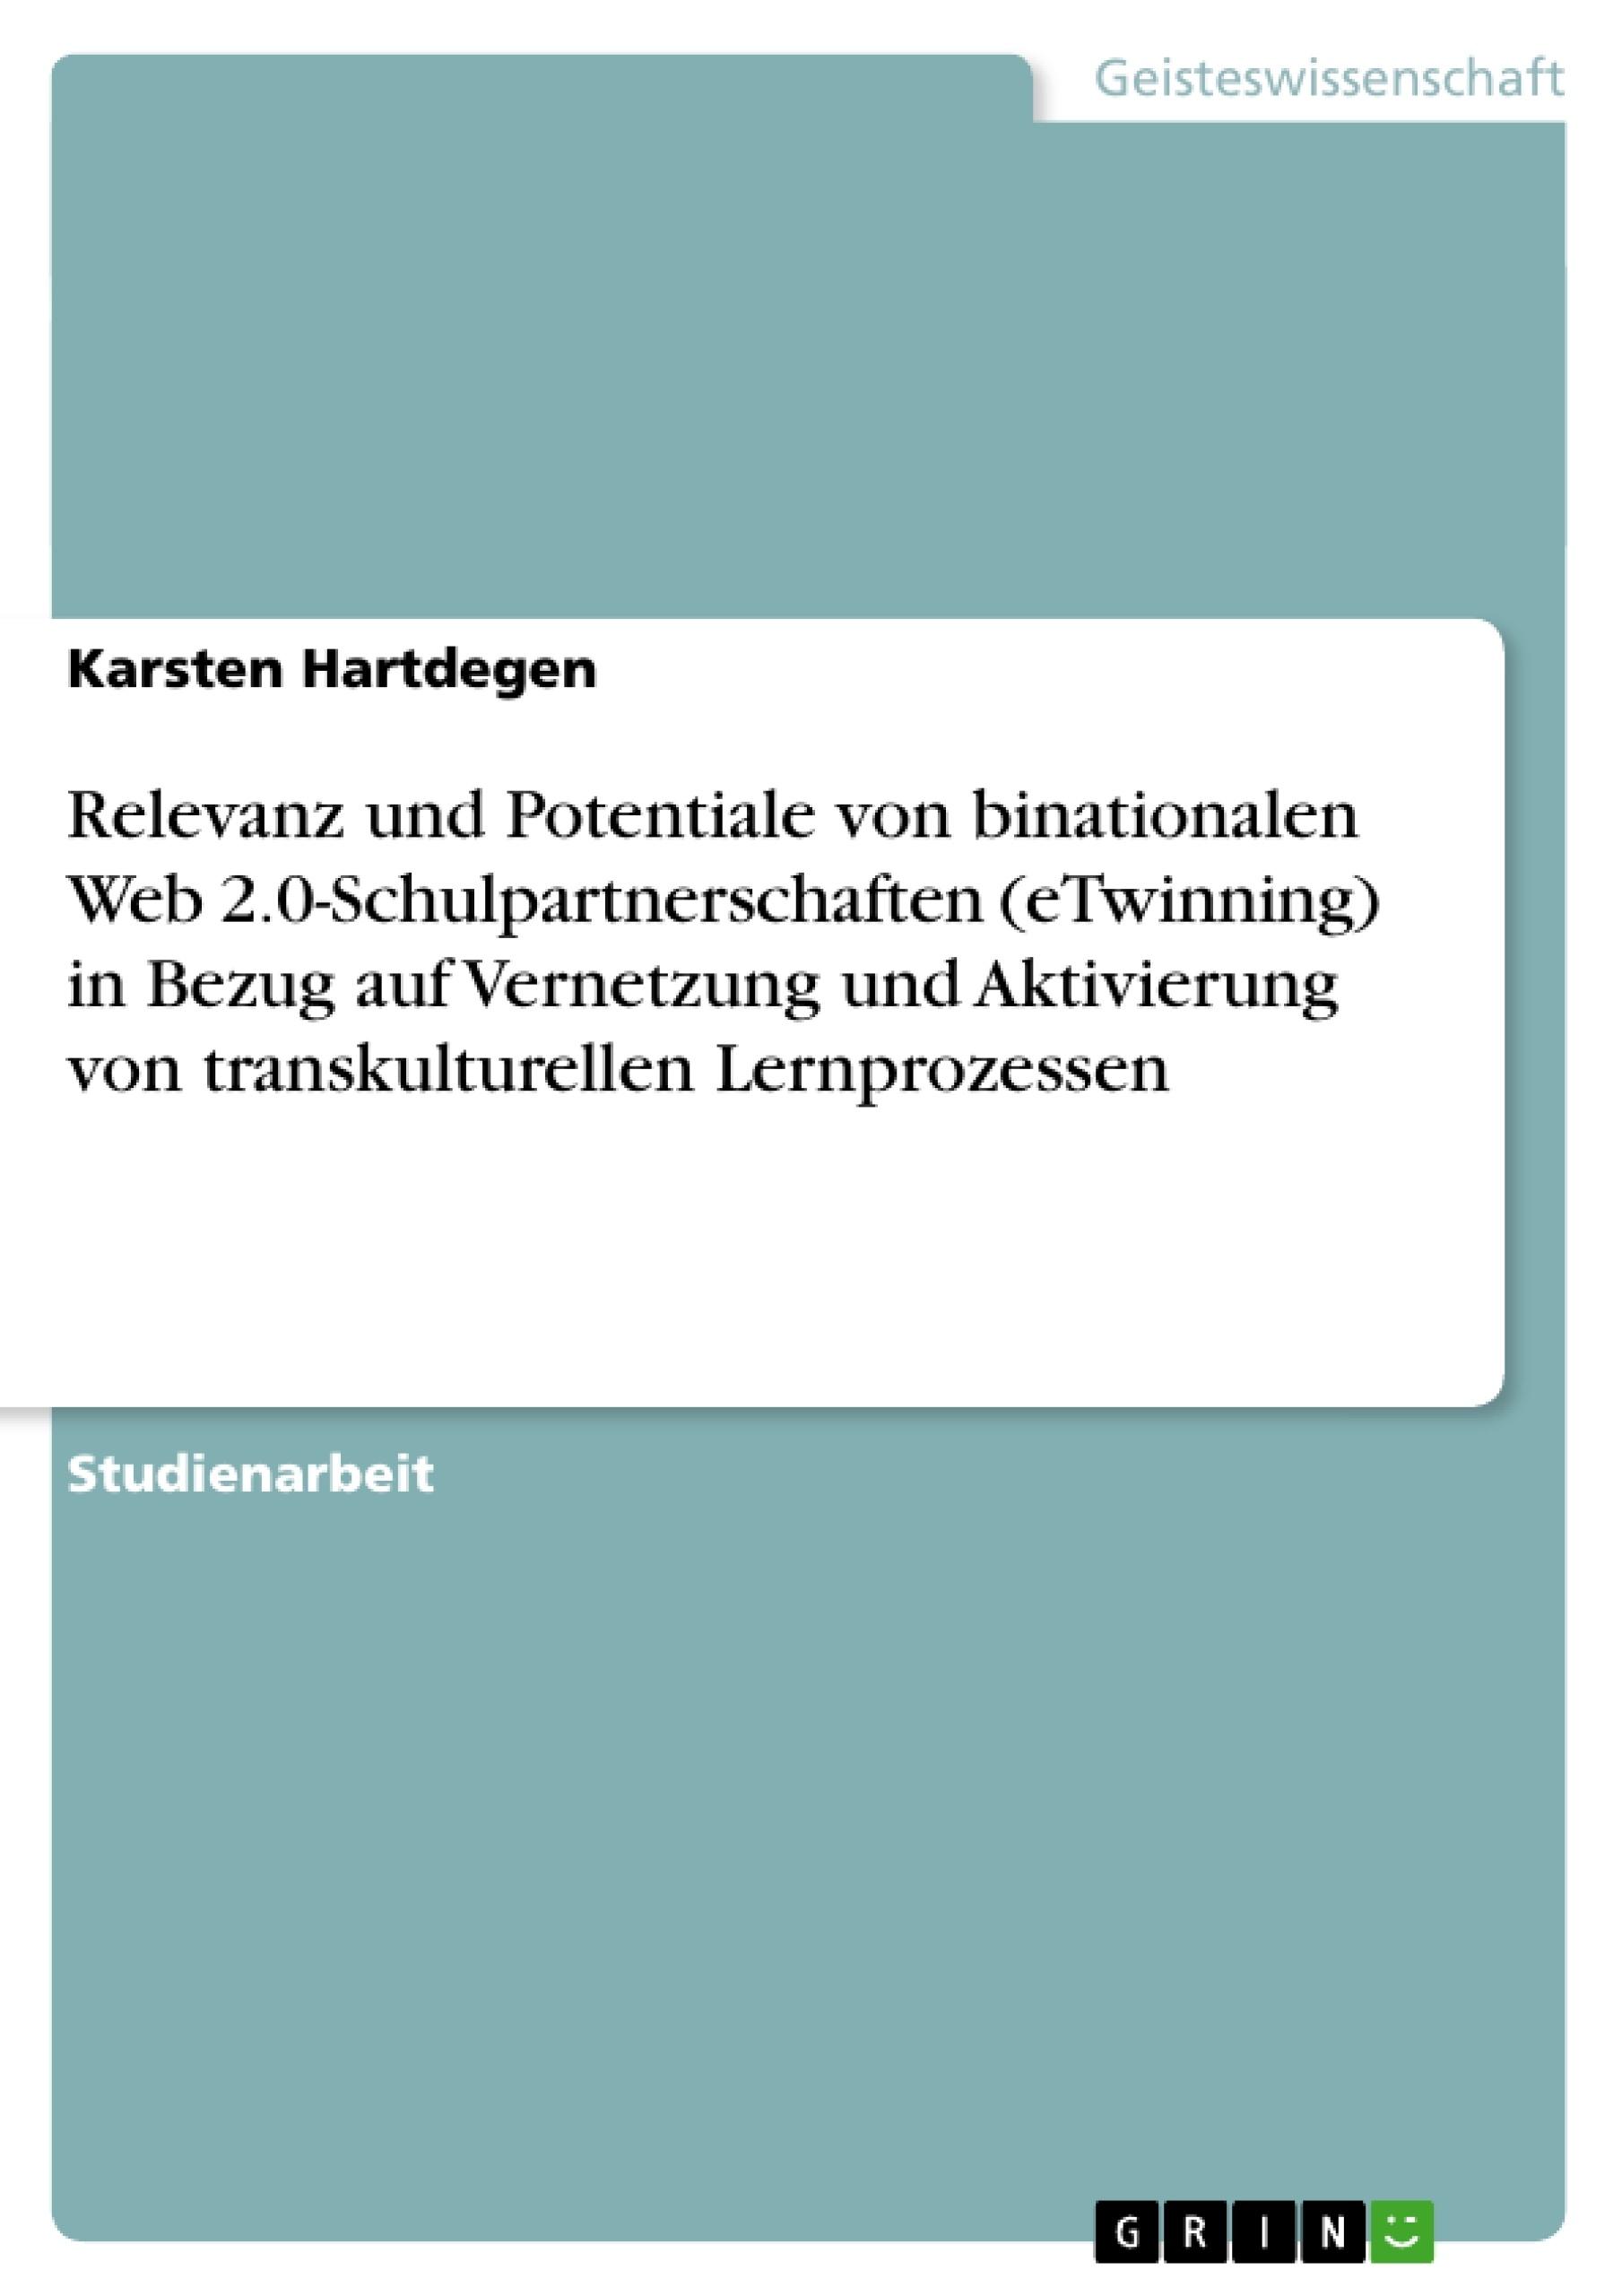 Titel: Relevanz und Potentiale von  binationalen Web 2.0-Schulpartnerschaften  (eTwinning)  in Bezug auf Vernetzung und Aktivierung  von transkulturellen Lernprozessen